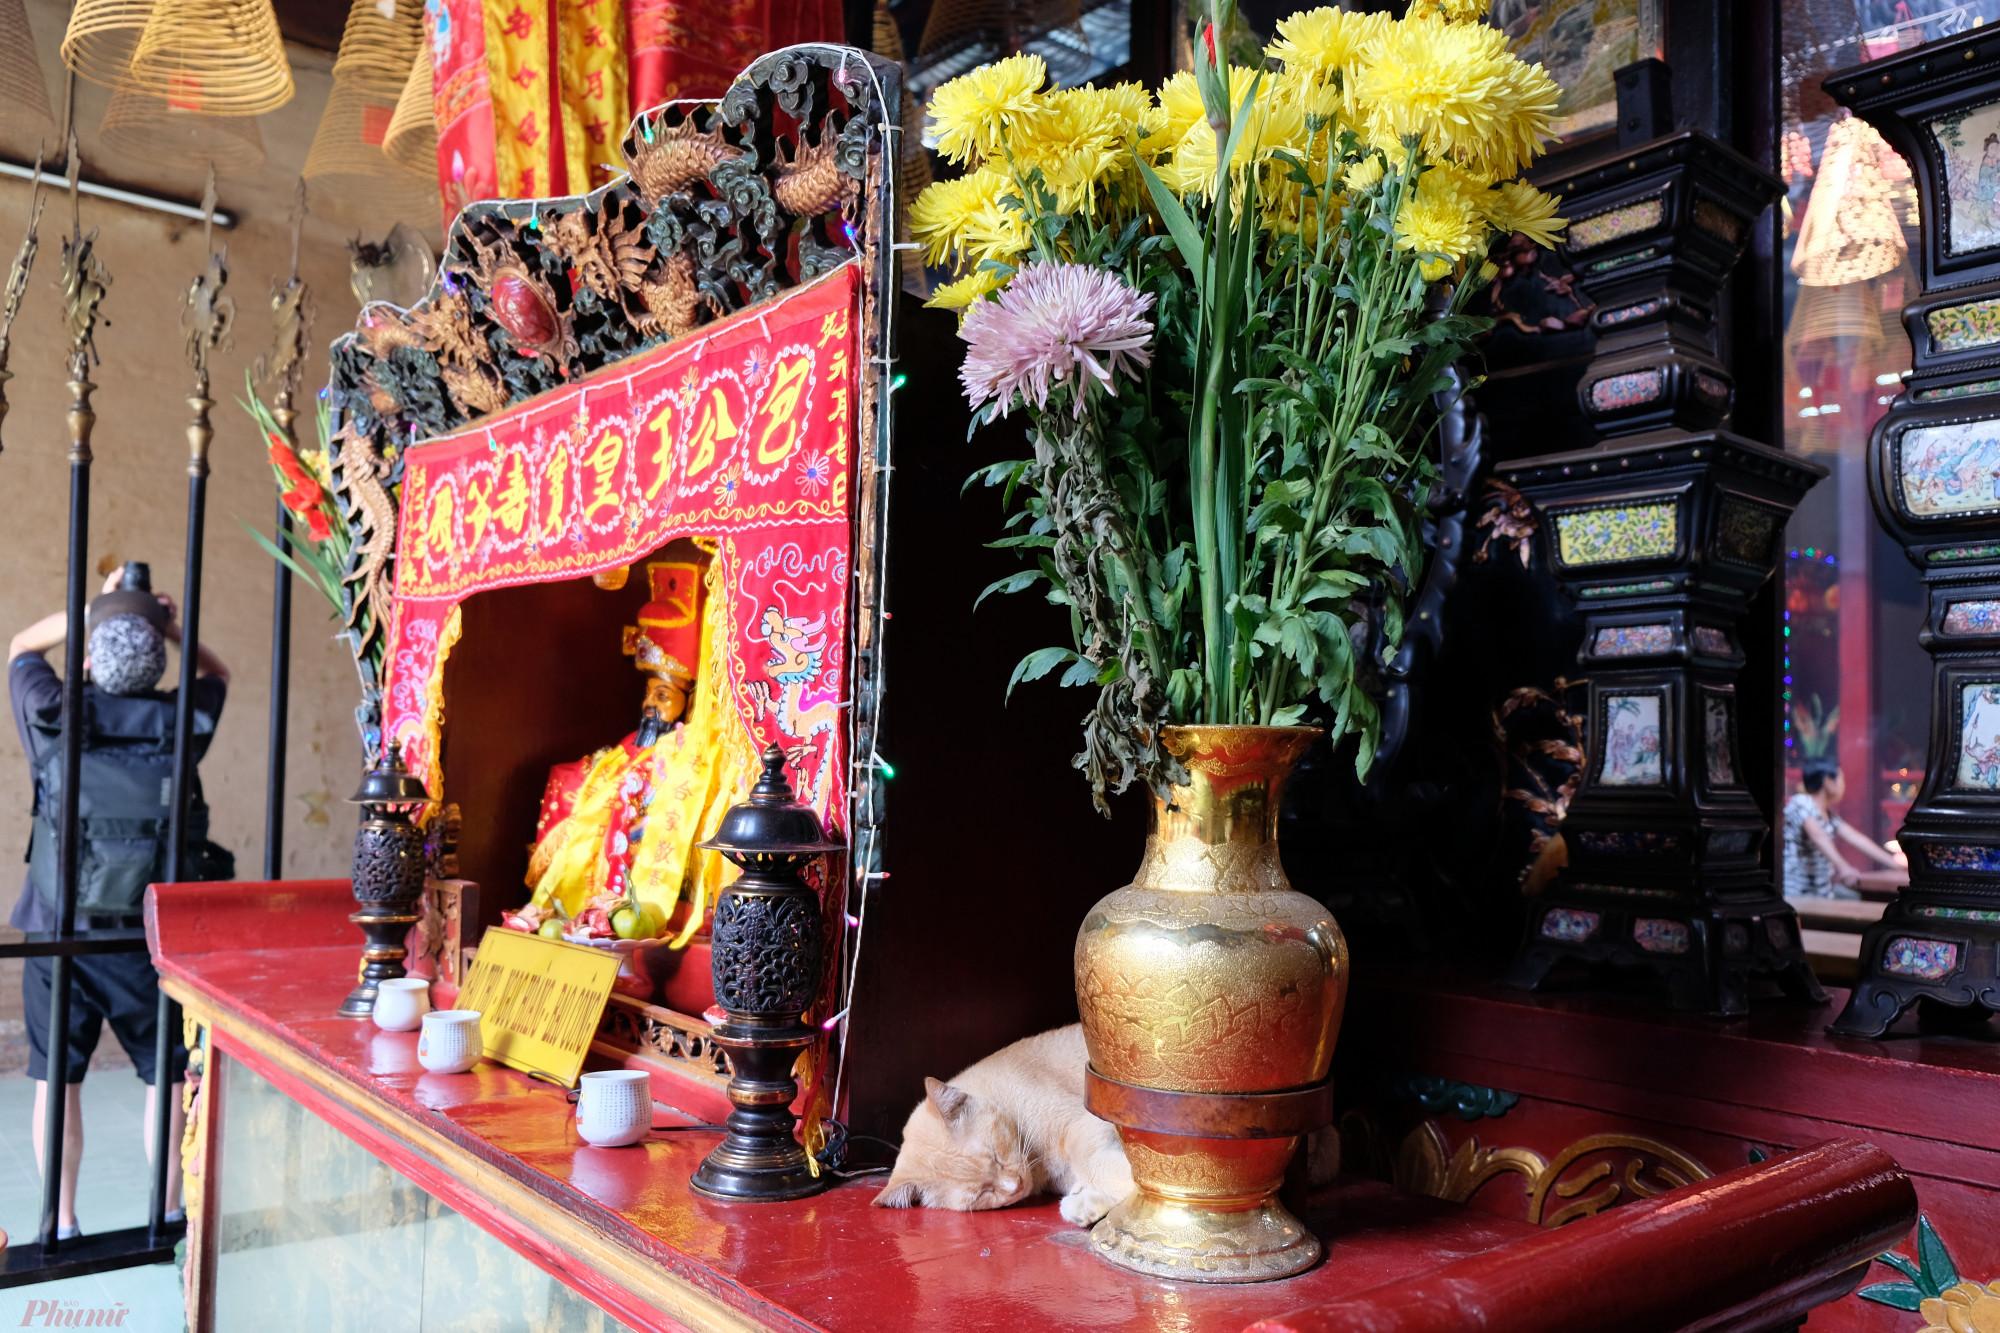 Ngoài lễ vía Bà là ngày lễ lớn nhất của hội quán Quảng Triệu, còn những ngày lễ khác cũng được cúng lớn như Tết Nguyên đán, Tết Nguyên tiêu, Tết Trung thu, ngày vía của các vị thần khác thờ trong hội quán.